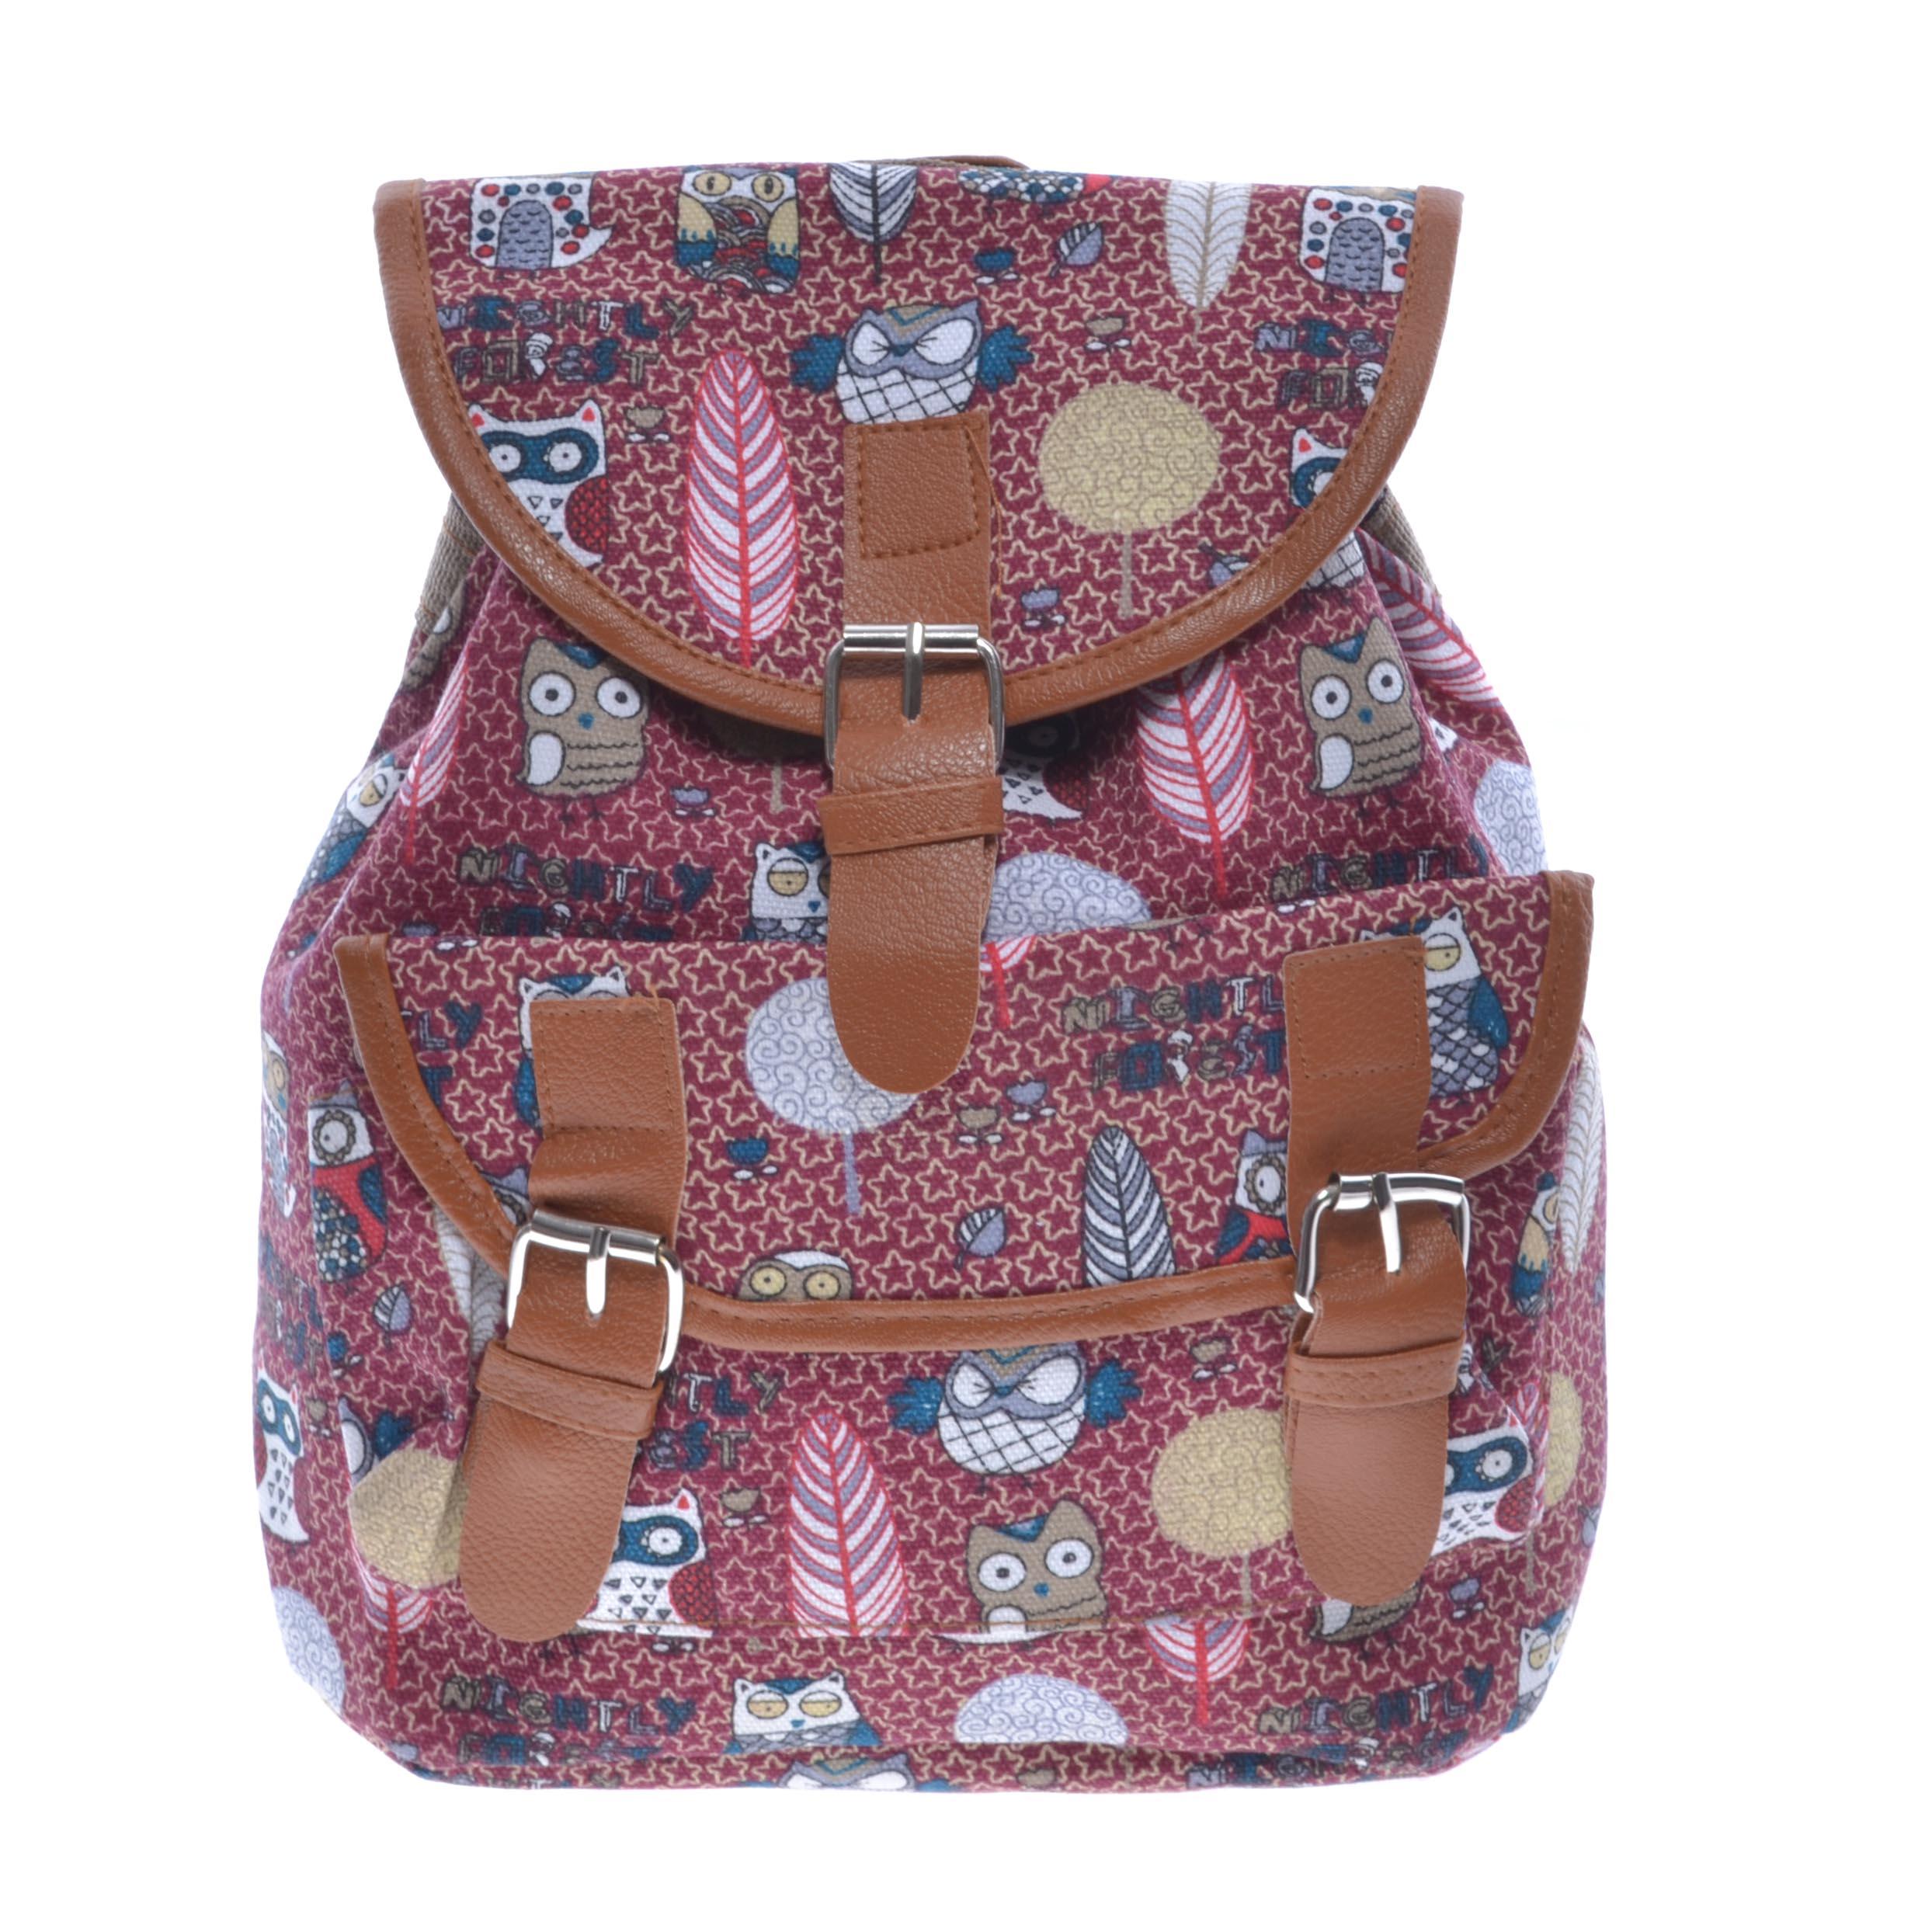 Női Kis Méretű Mintás Vászon Hátizsák - Vászon - Táska webáruház - Minőségi  táskák mindenkinek f9973af0ab